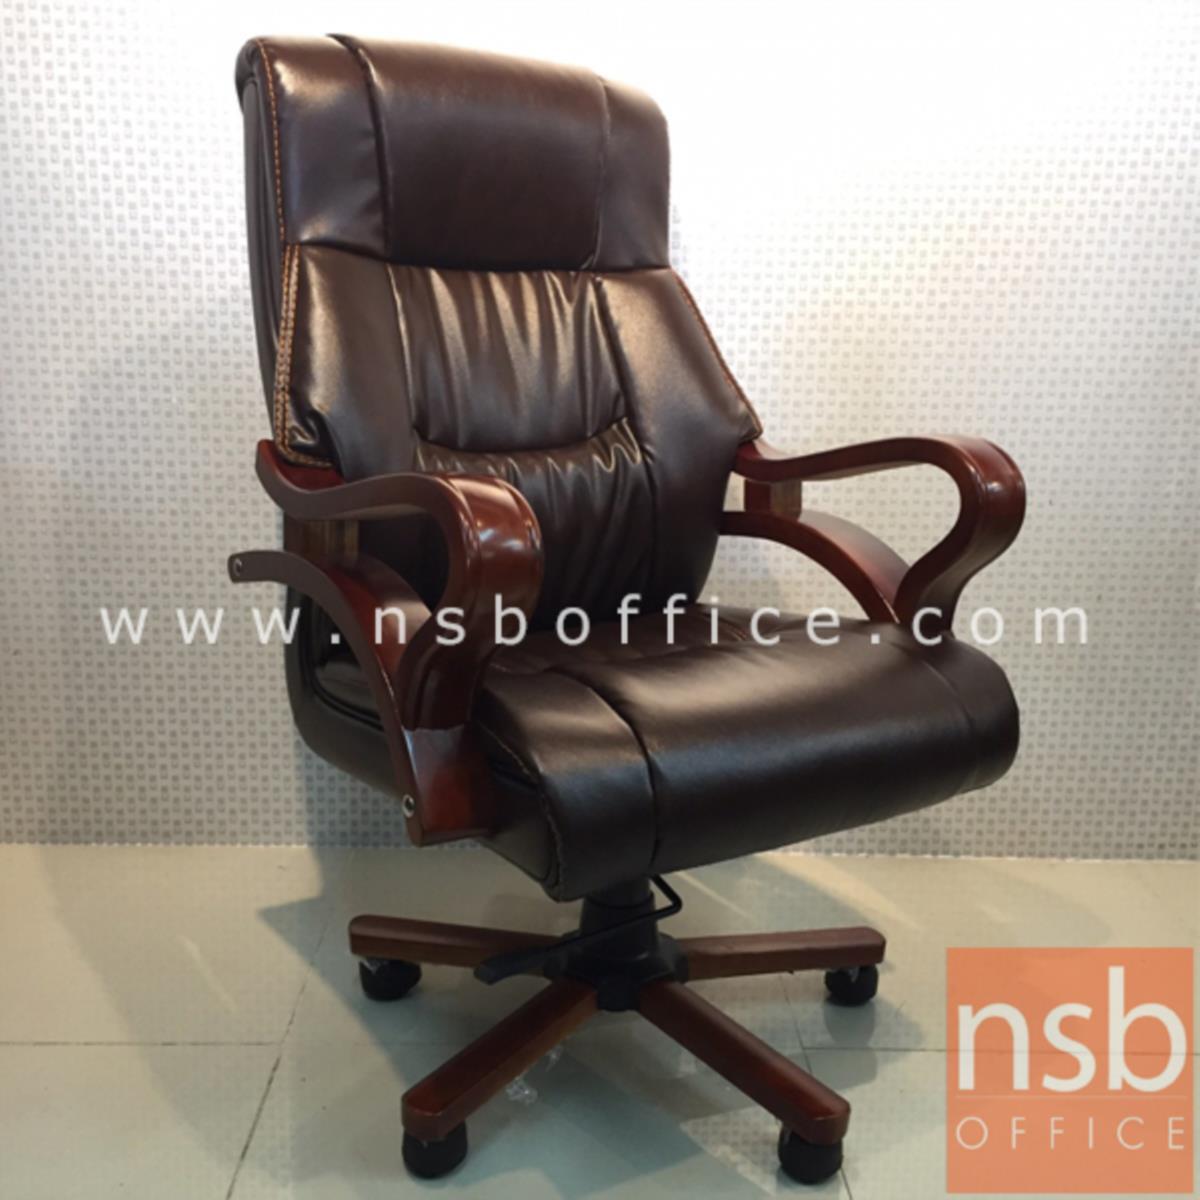 เก้าอี้ผู้บริหารหนัง PU รุ่น Lydon (ไลดอน)  โช๊คแก๊ส มีก้อนโยก ขาไม้